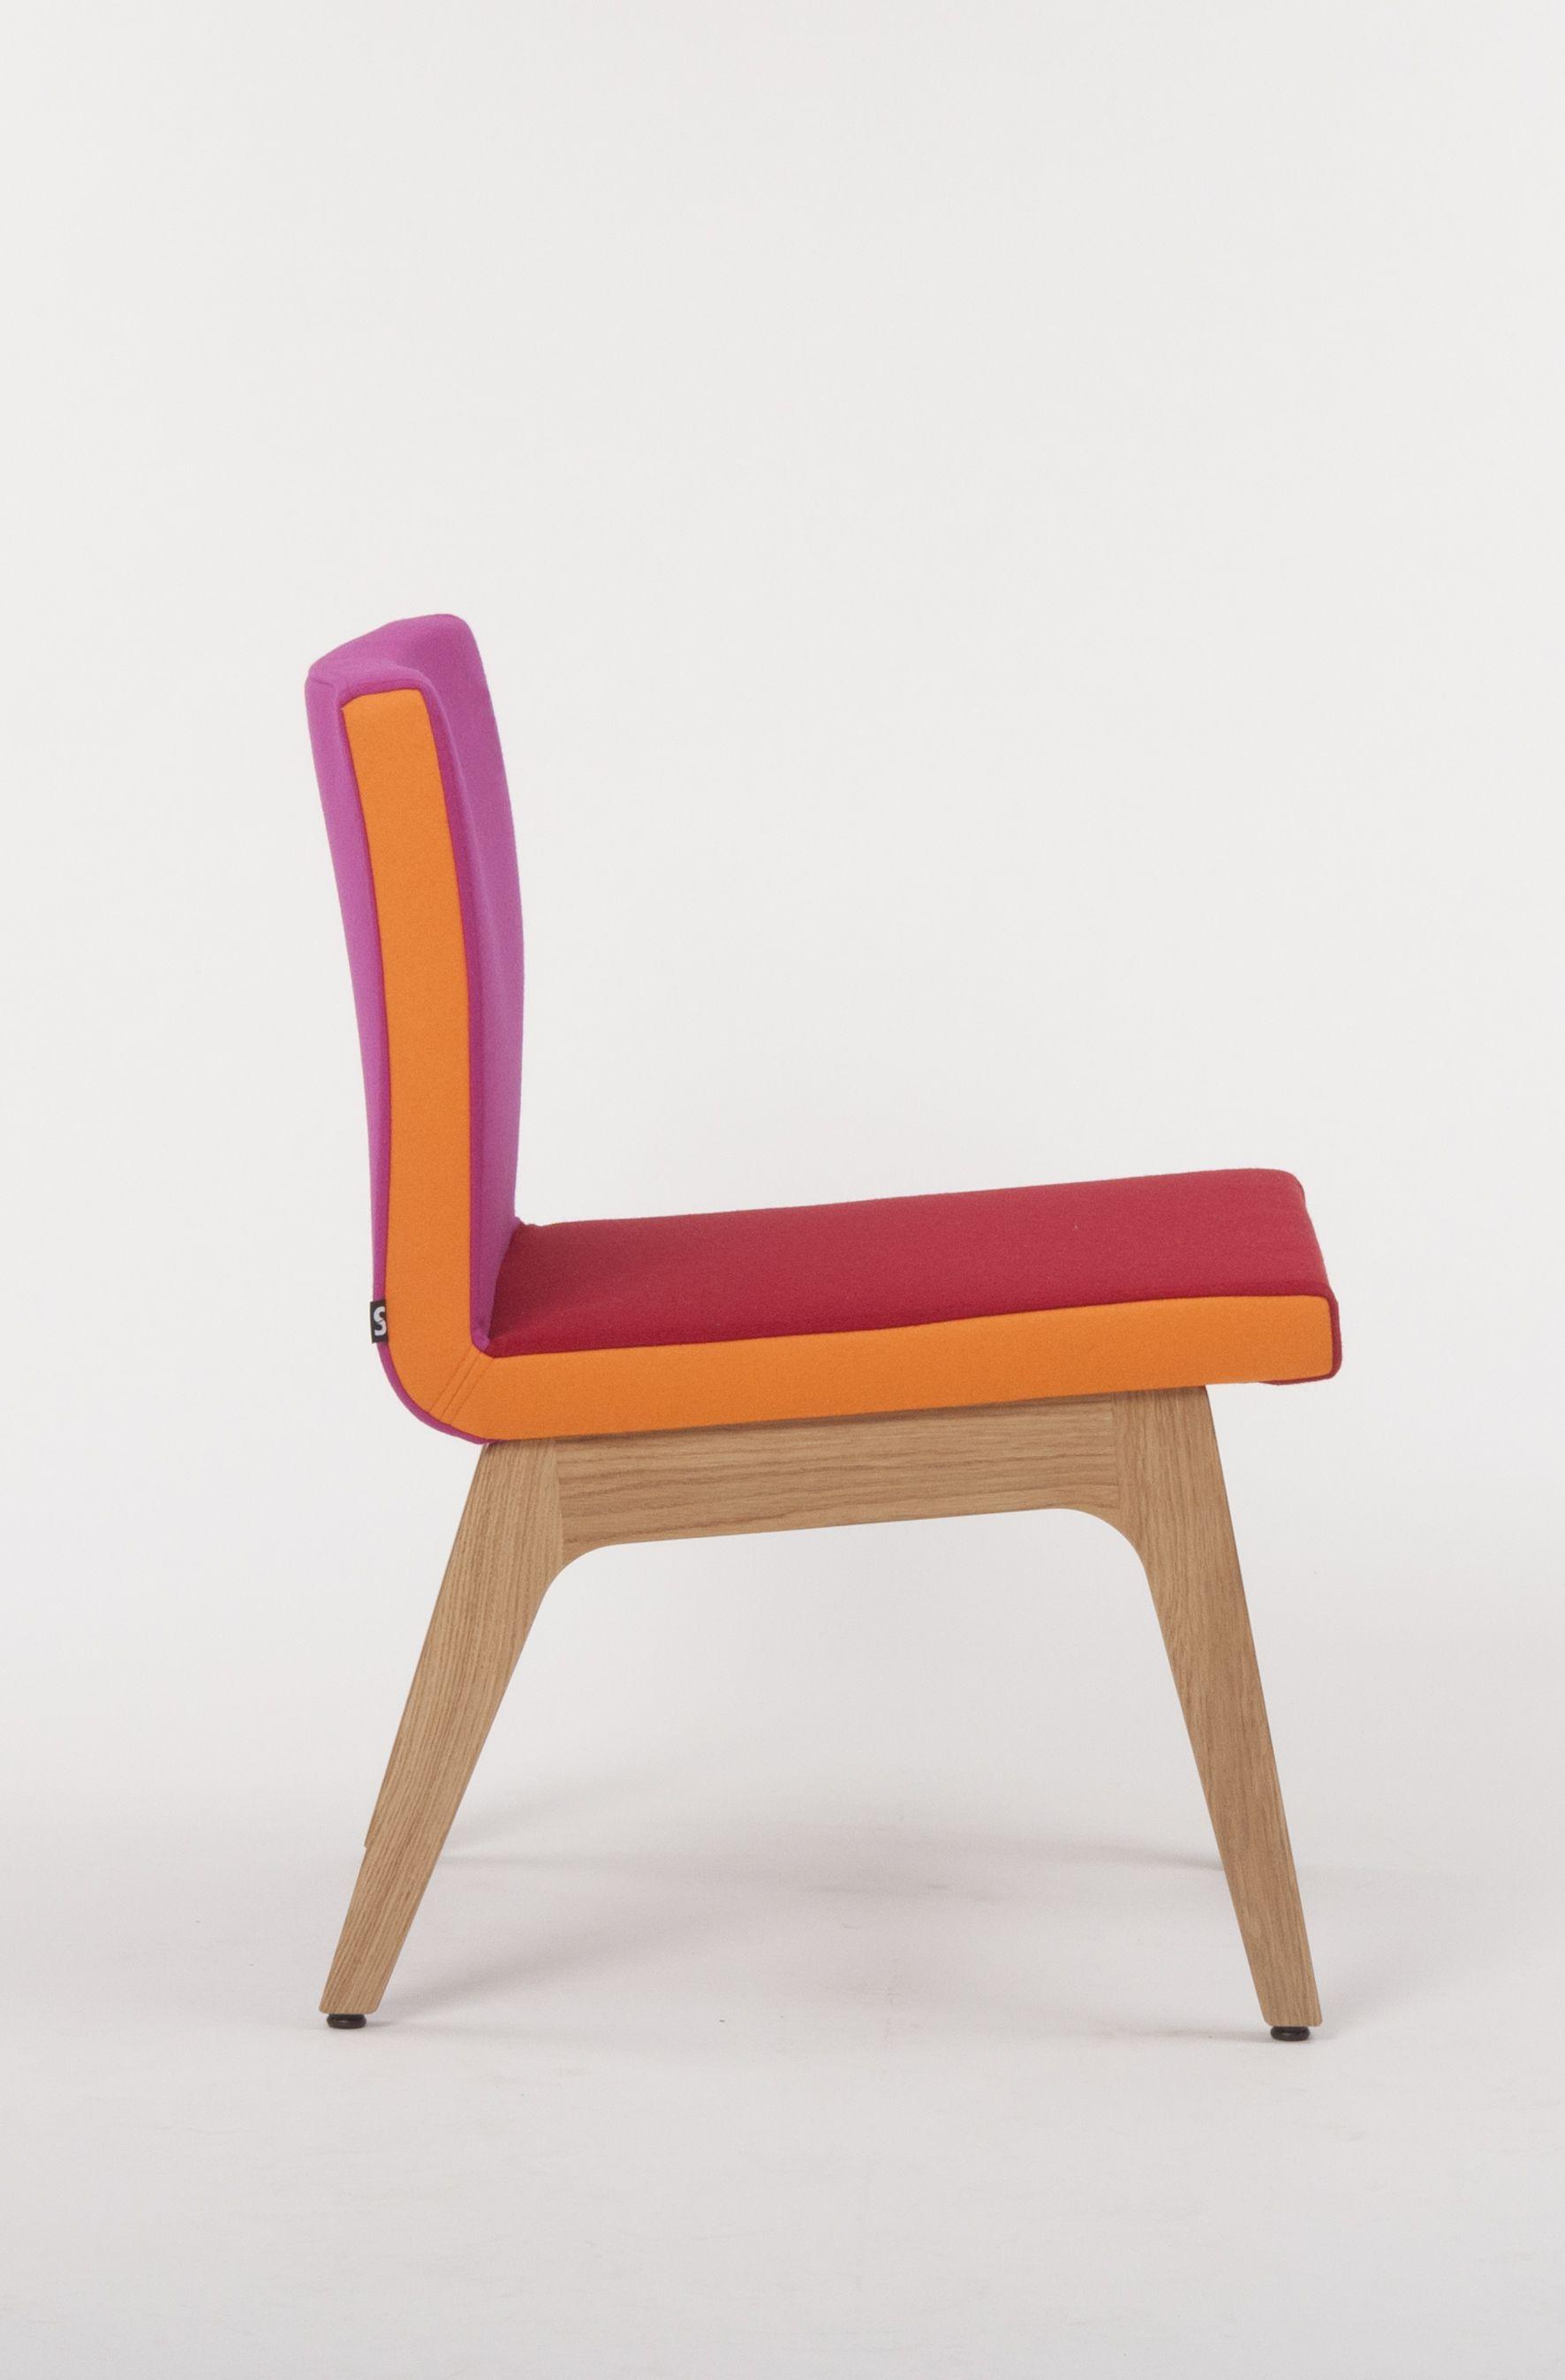 bestuhlung lounge mobel sessel sitzen tisch html vornehm speisen